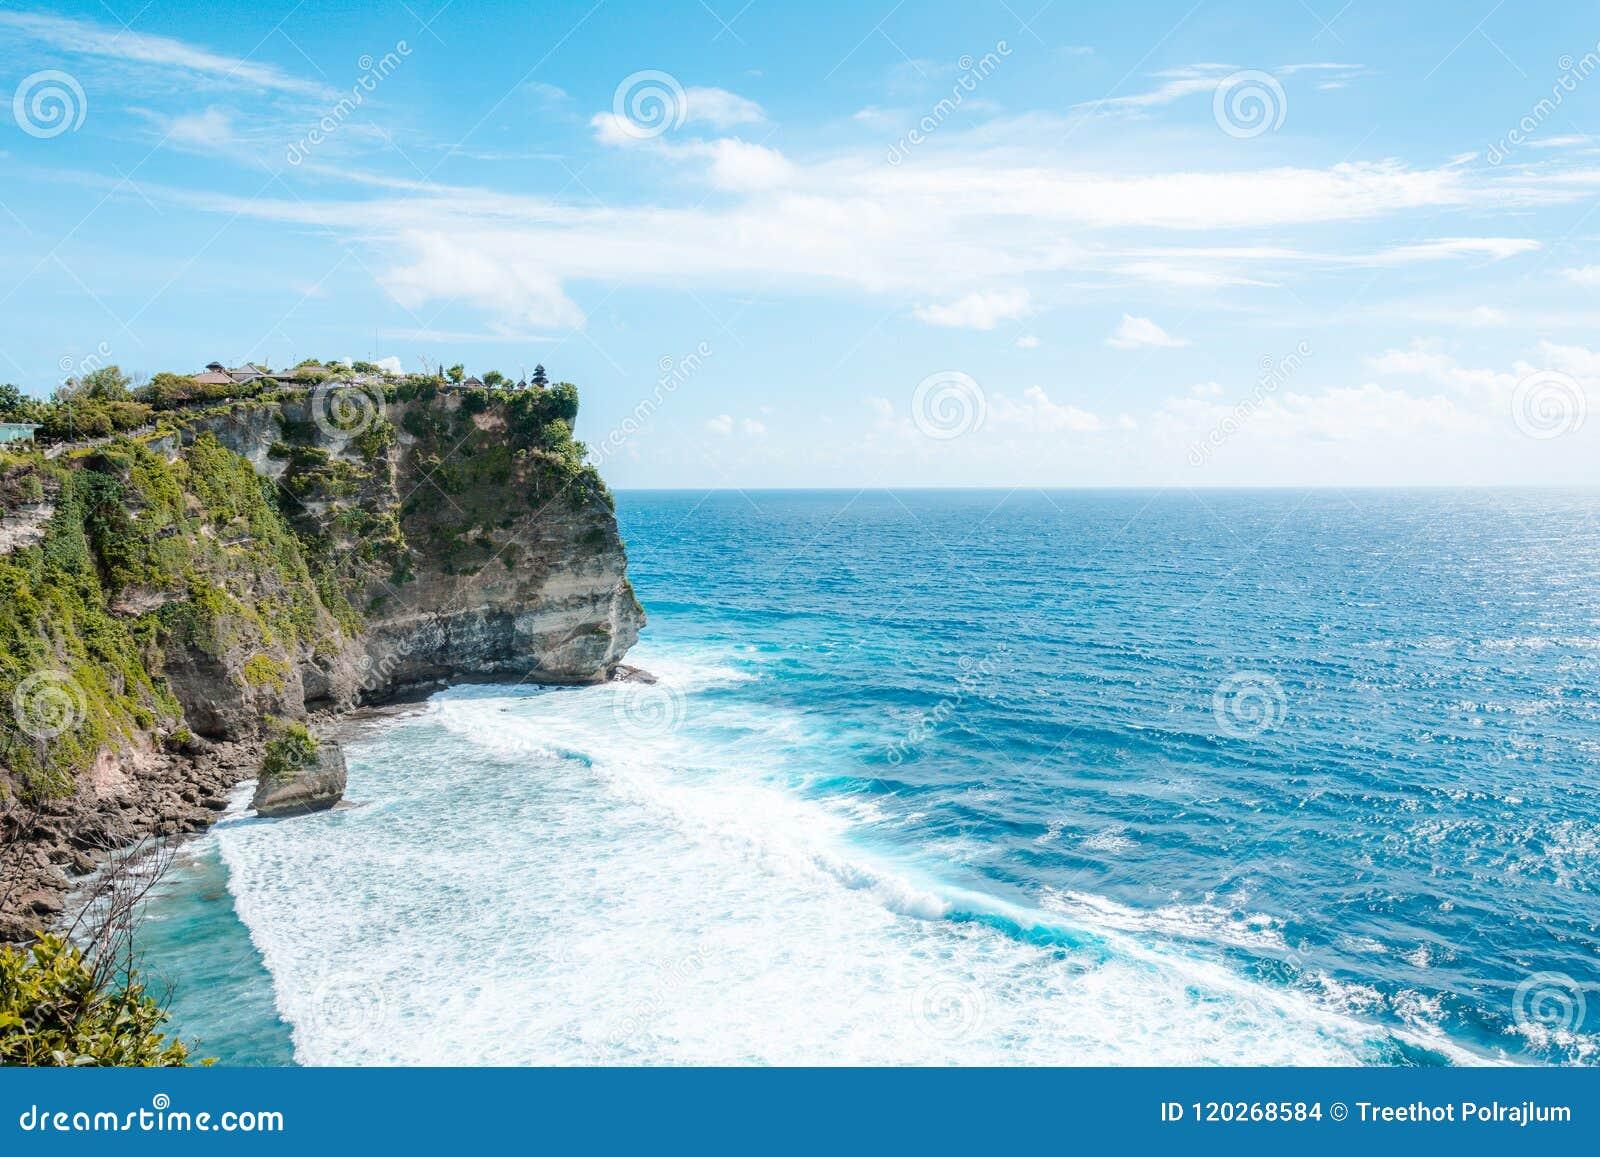 Vista della scogliera con le onde nel mare dal tempio indù Pura Luhur Uluwatu